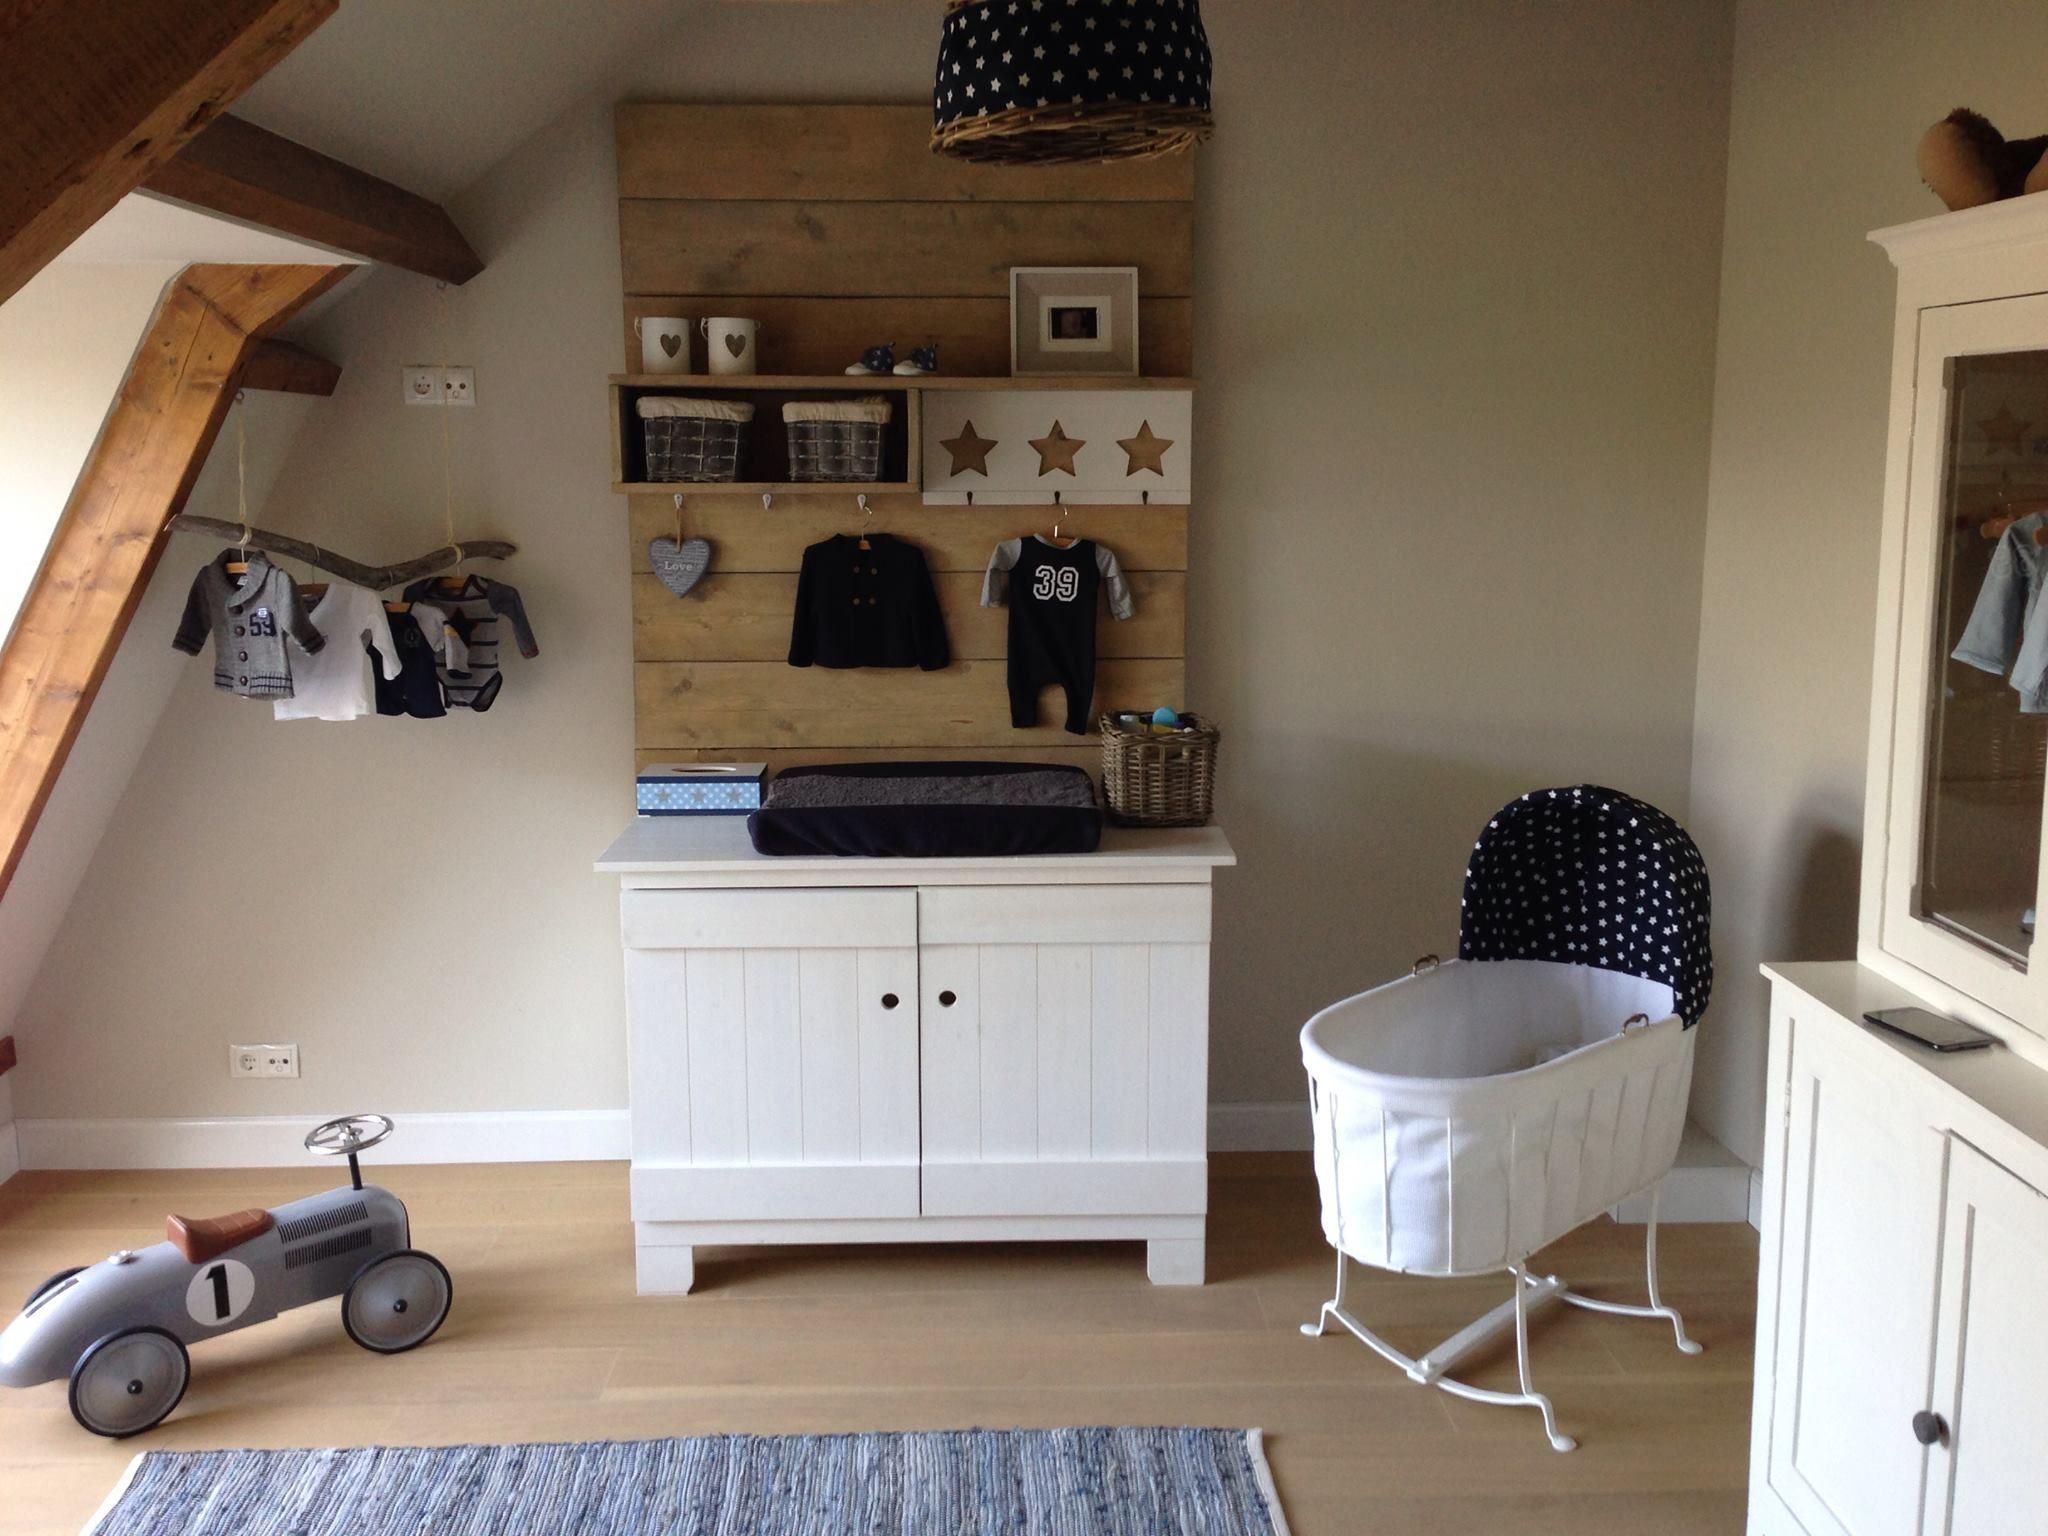 stoere landelijke babykamer met eigen stijl, door oude met nieuwe, Deco ideeën